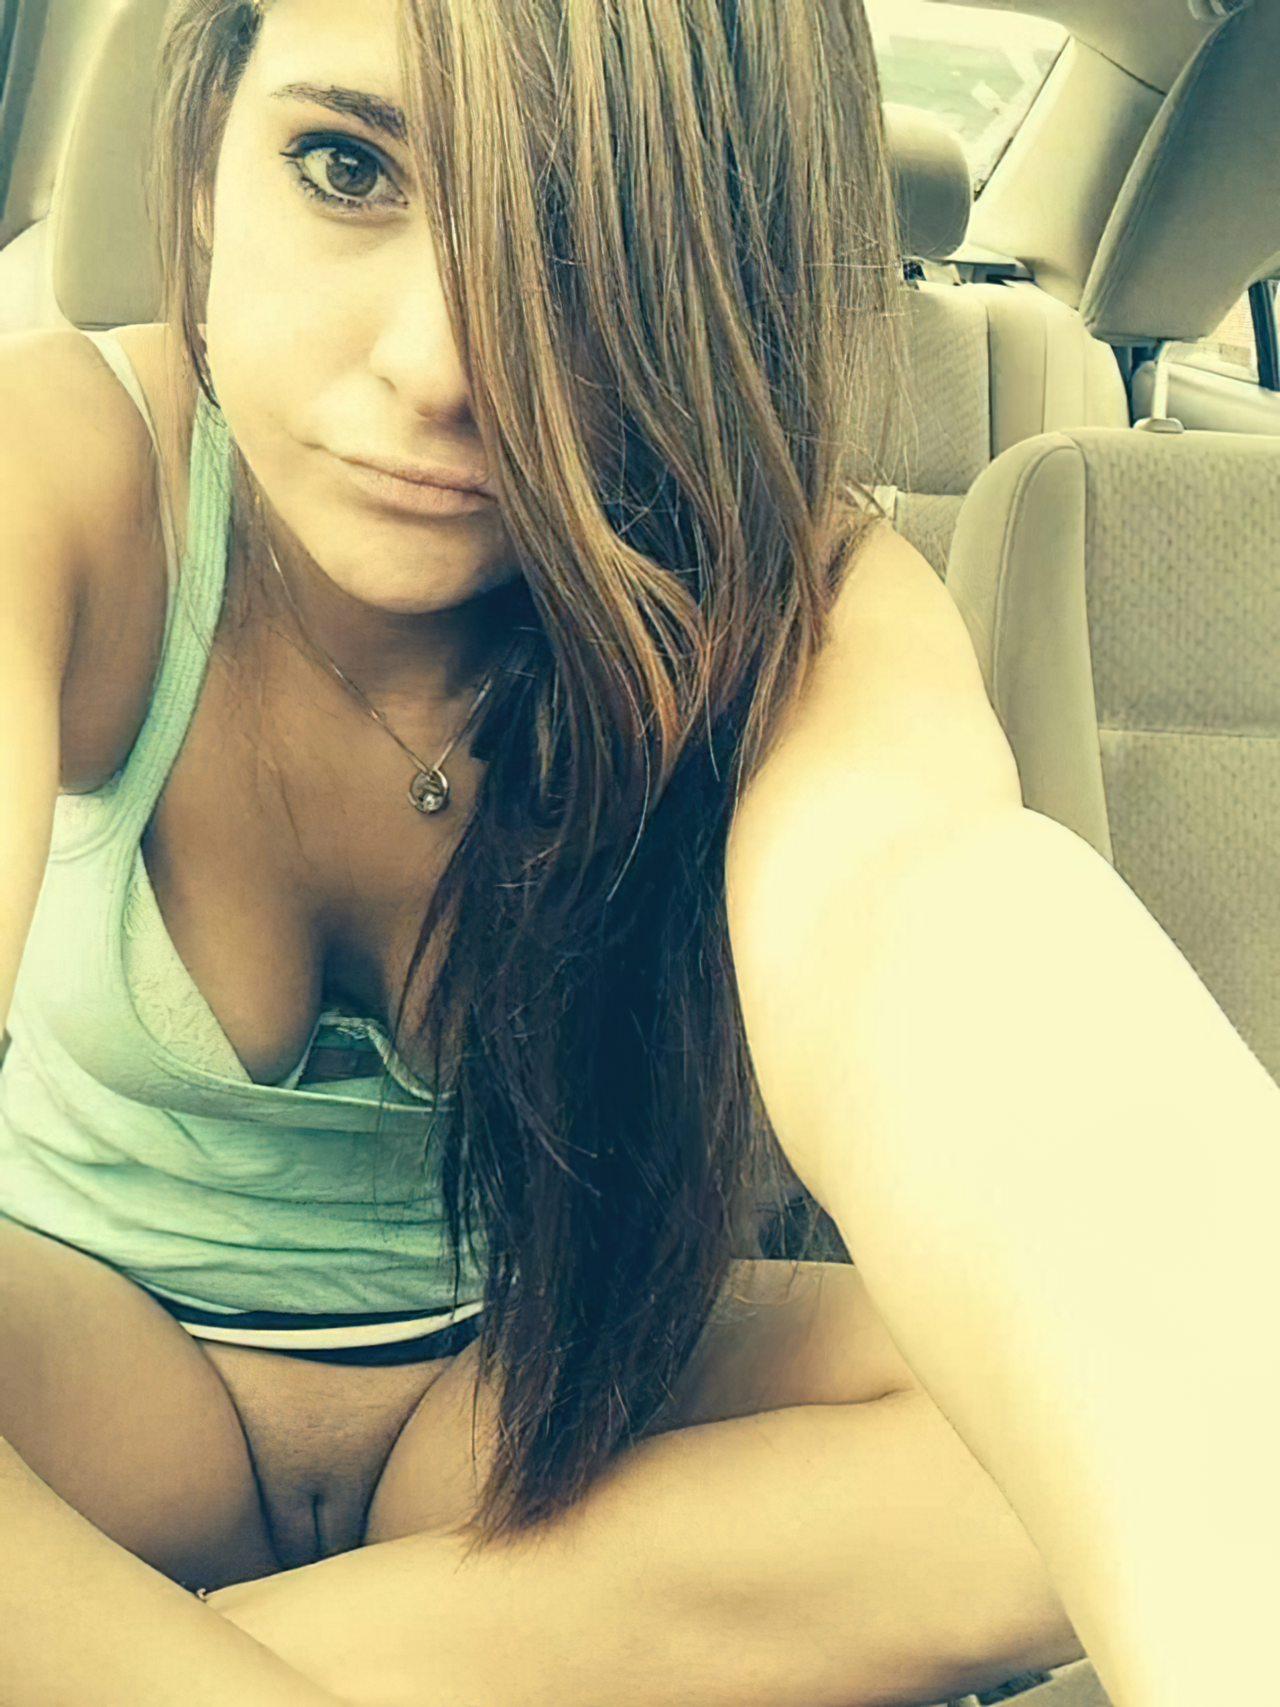 Flagra de sexo dentro do carro coma porta aberta